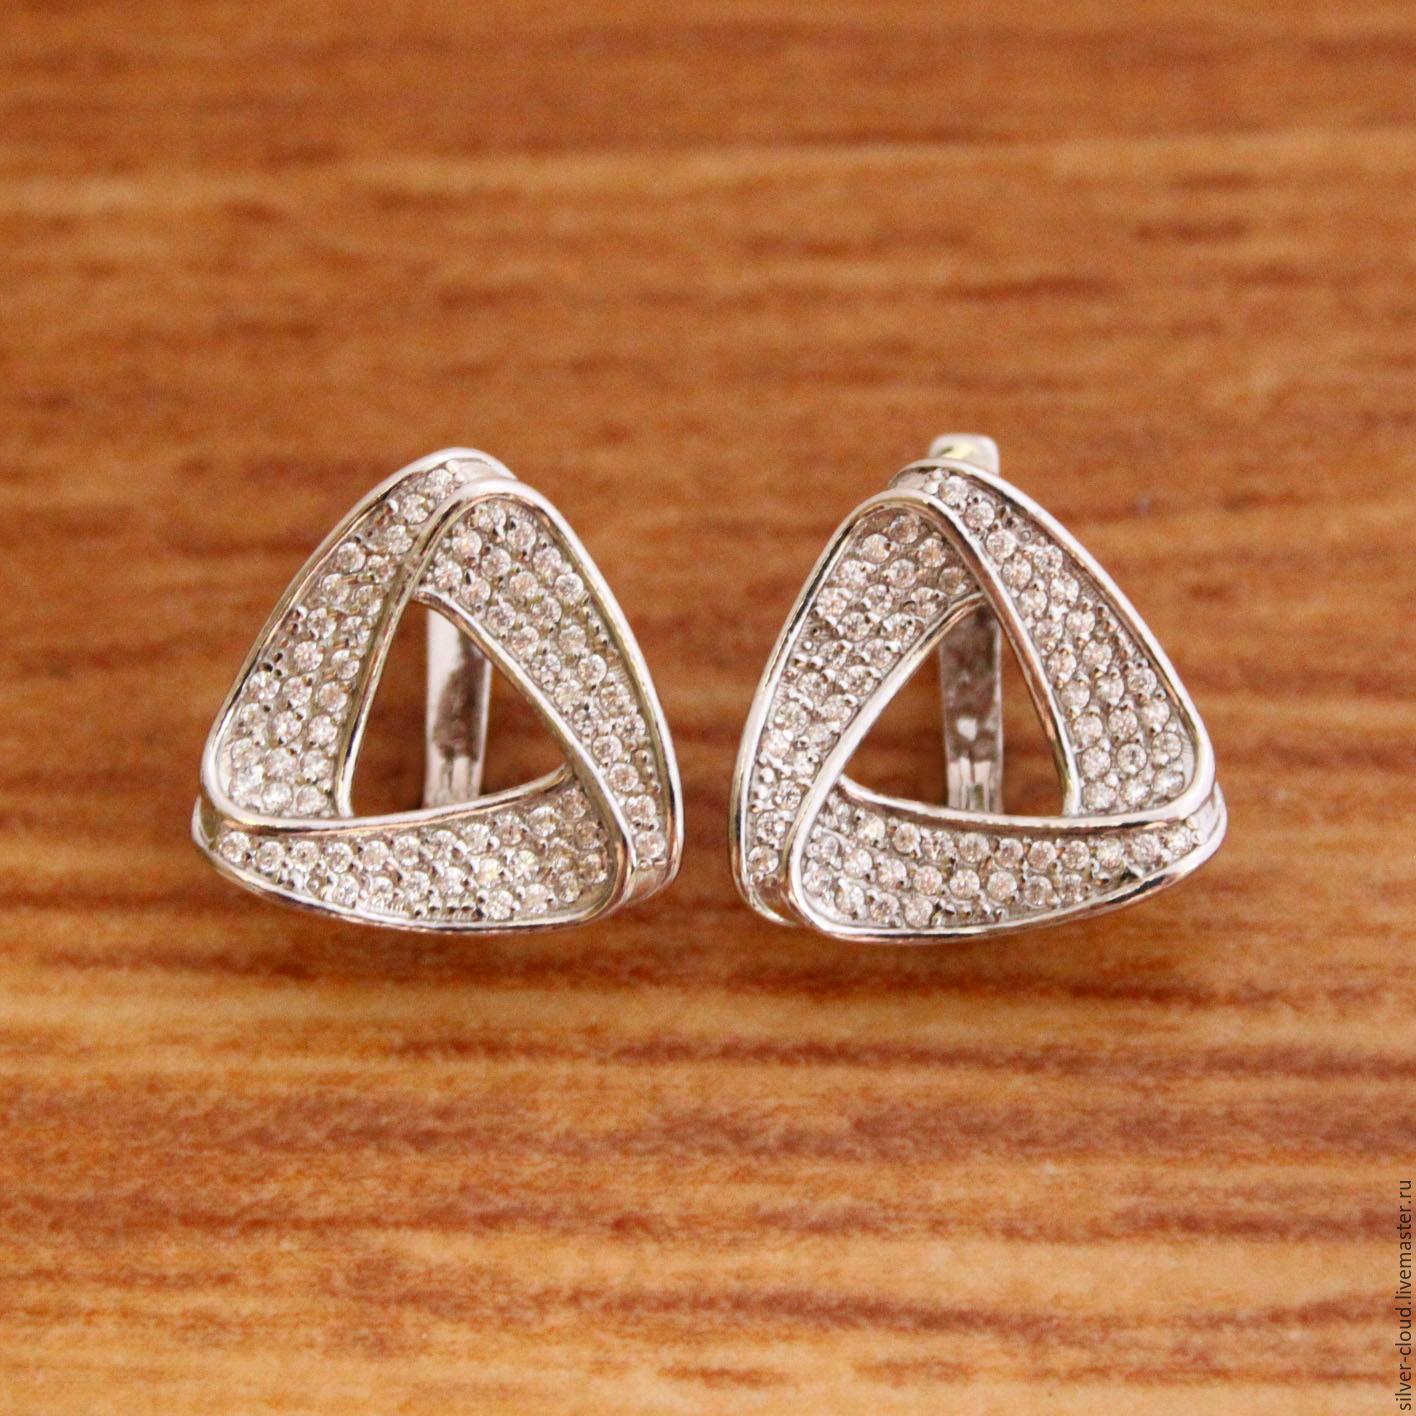 0819c947d68c Серебряные серьги Треугольник, серебро 925